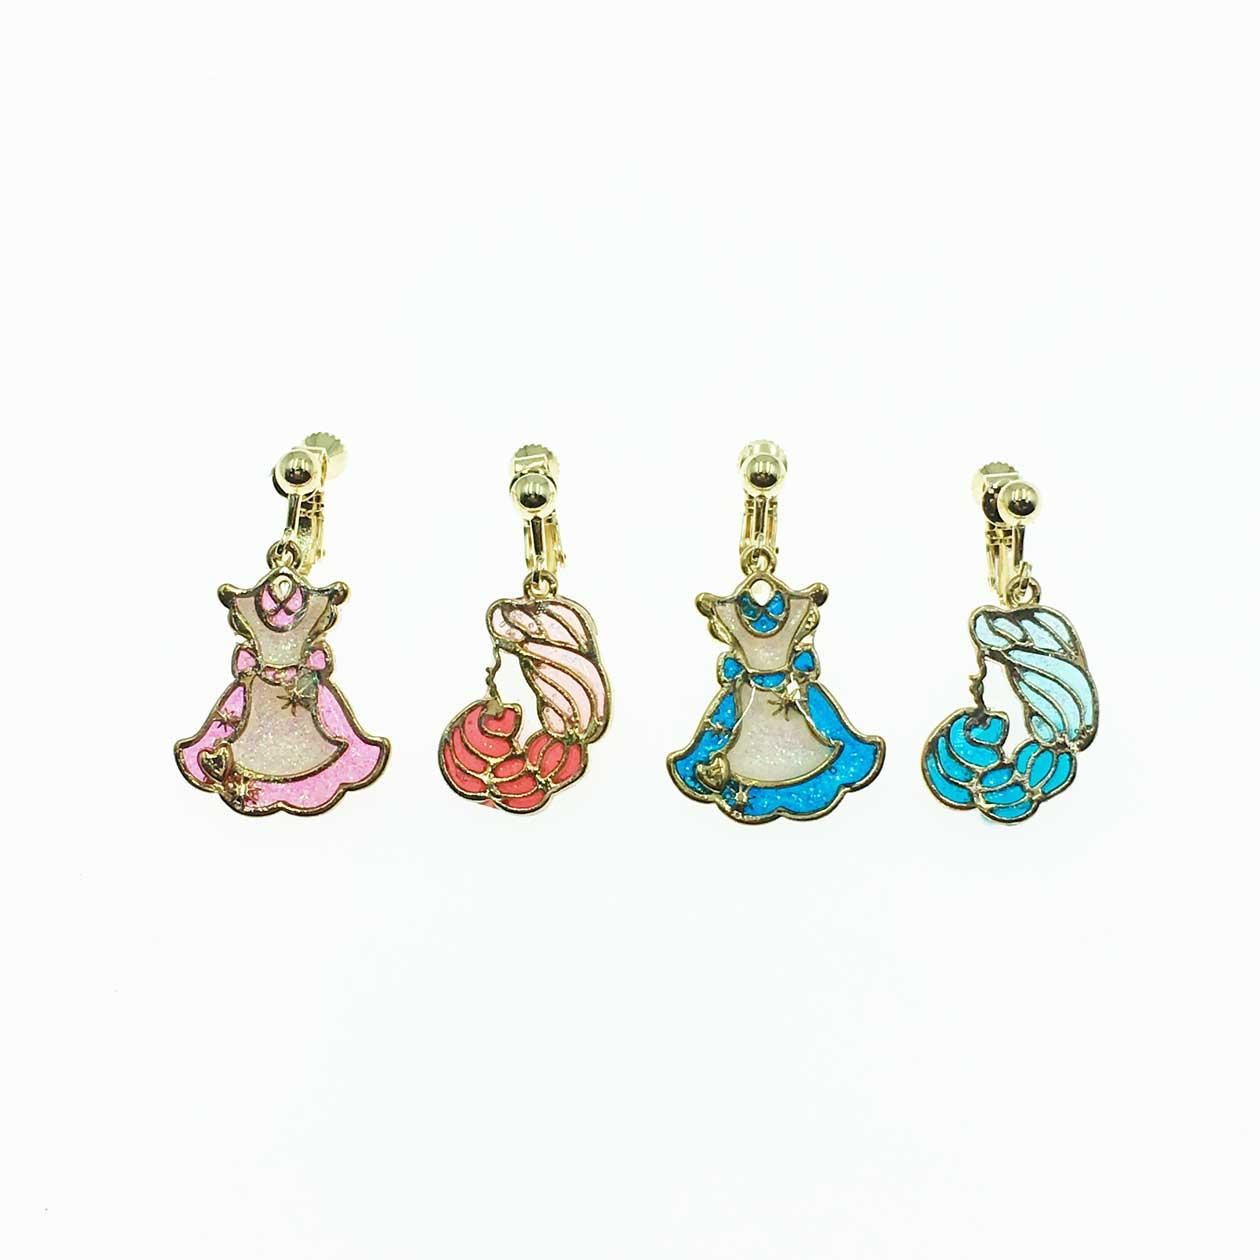 韓系 童話風 公主 洋裝  粉紅 水藍 夾式耳環